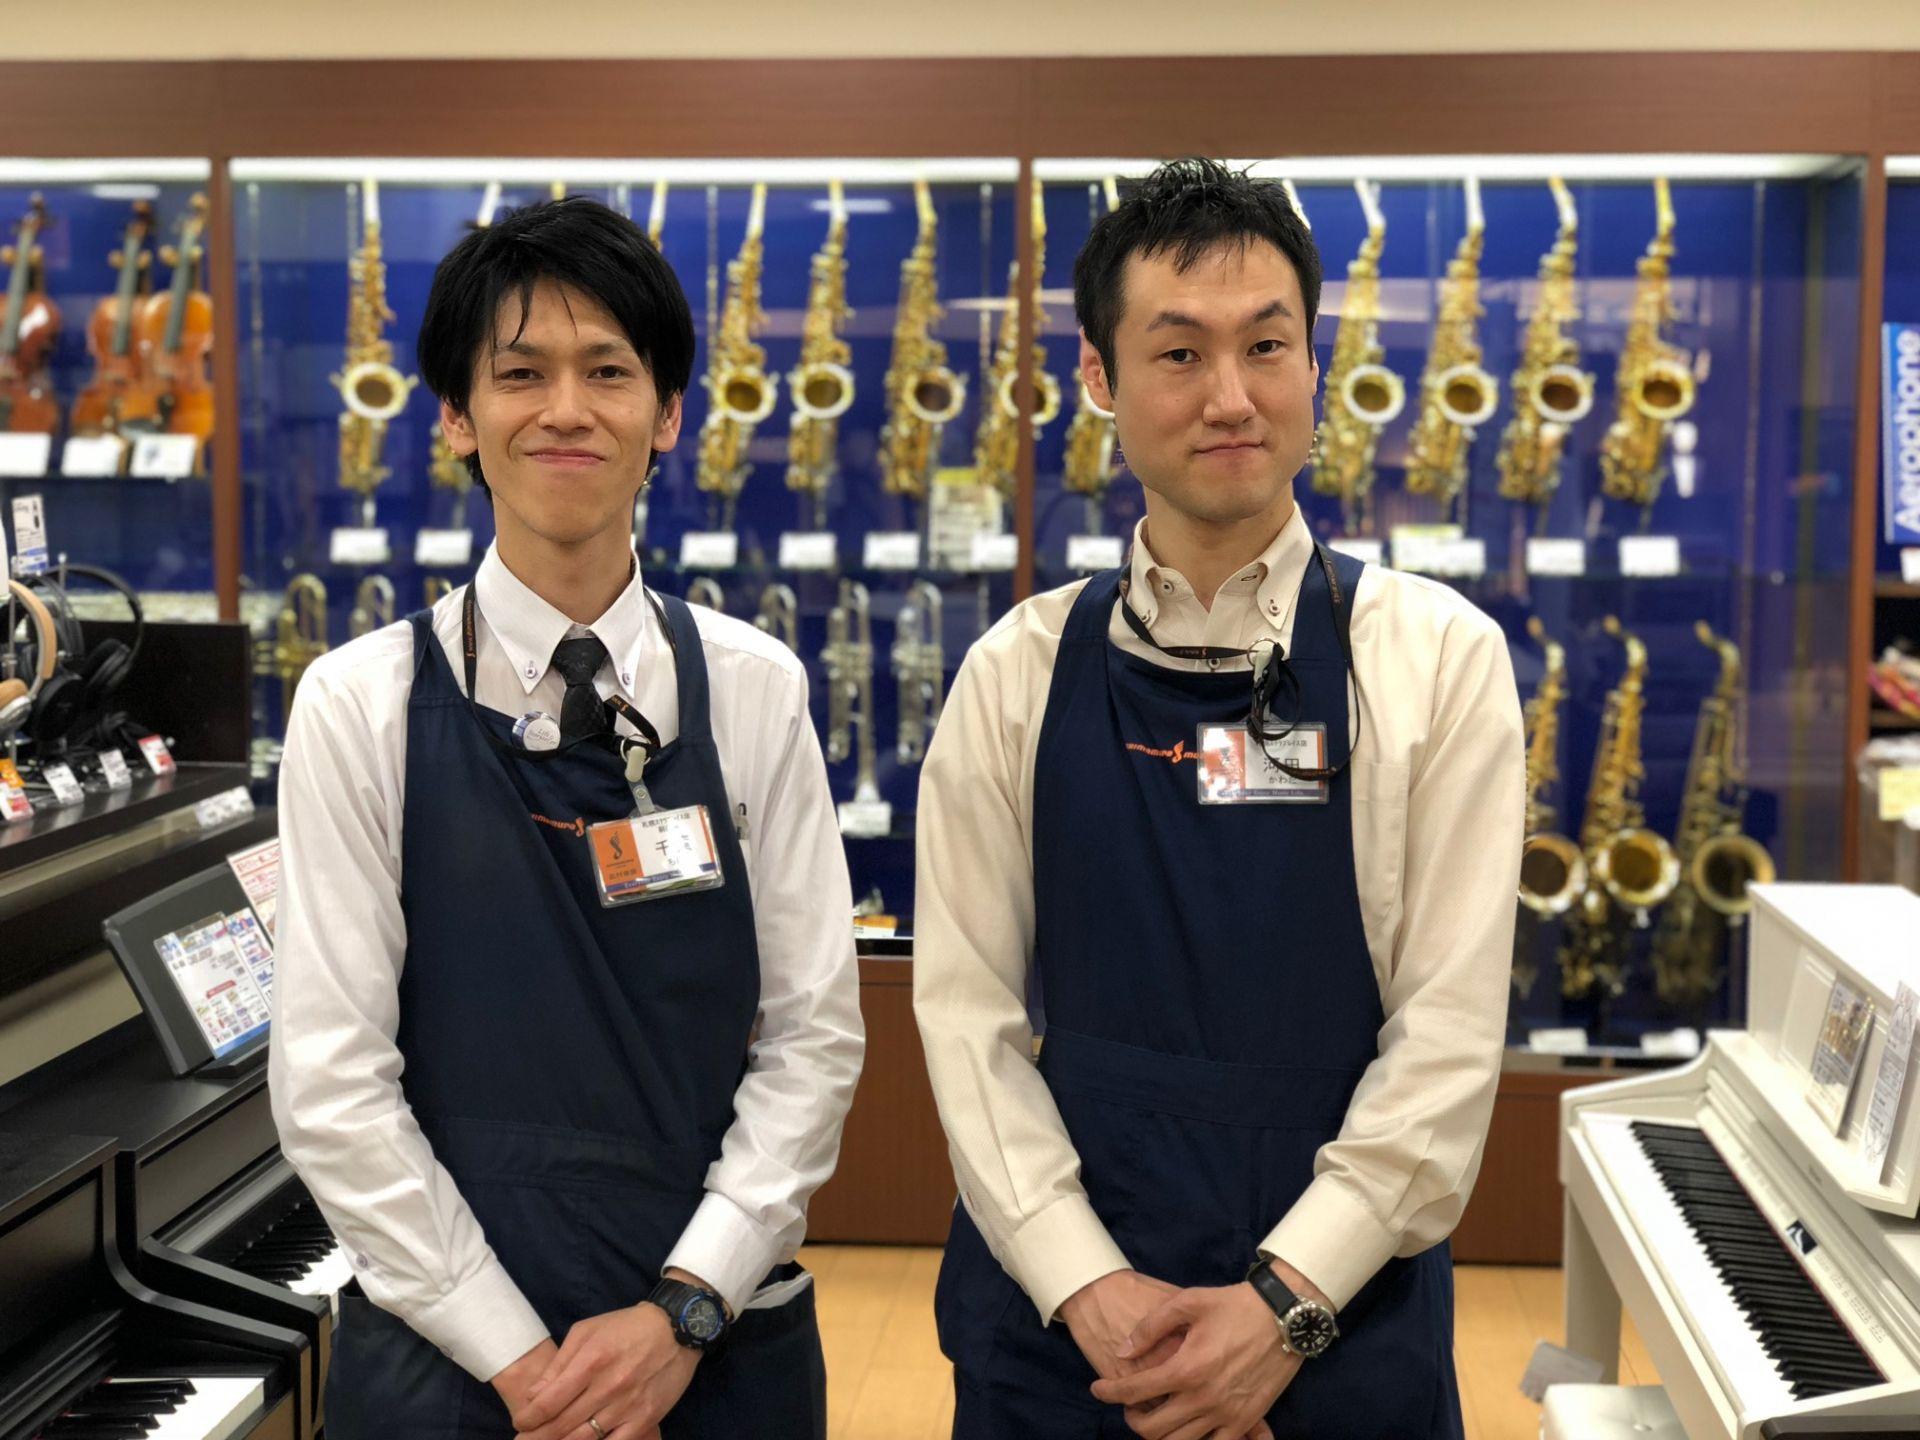 札幌ステラプレイス 電子ピアノ